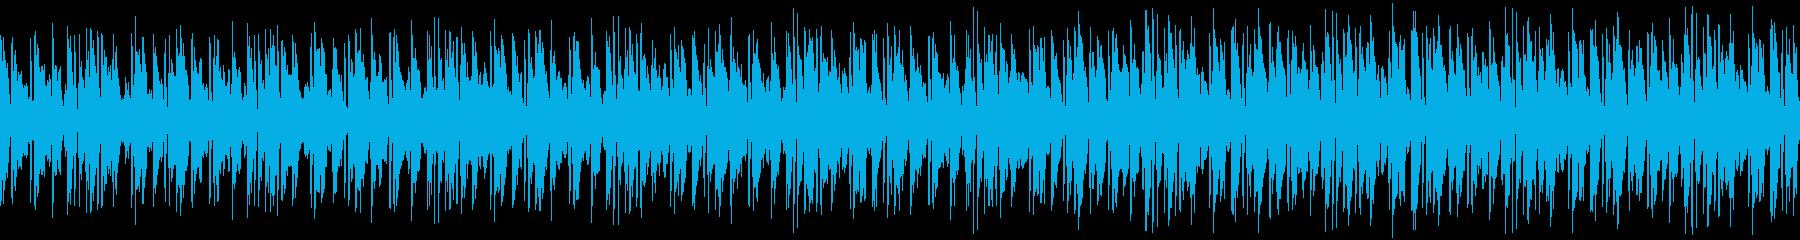 コミカルで軽快な日常系ジングルの再生済みの波形